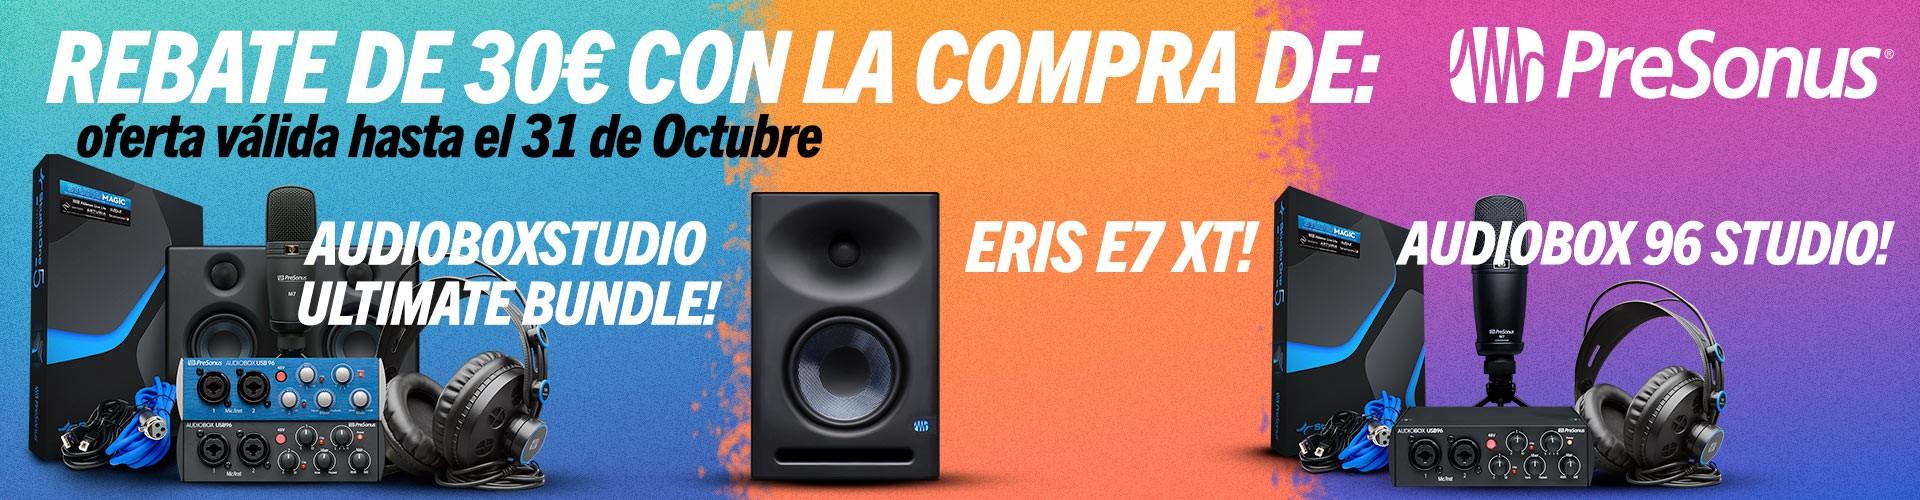 Rebate de 30€ con la compra de: Audiobox Studio Ultimate Bundle, Eris E7 XT y Audiobox 96 Studio